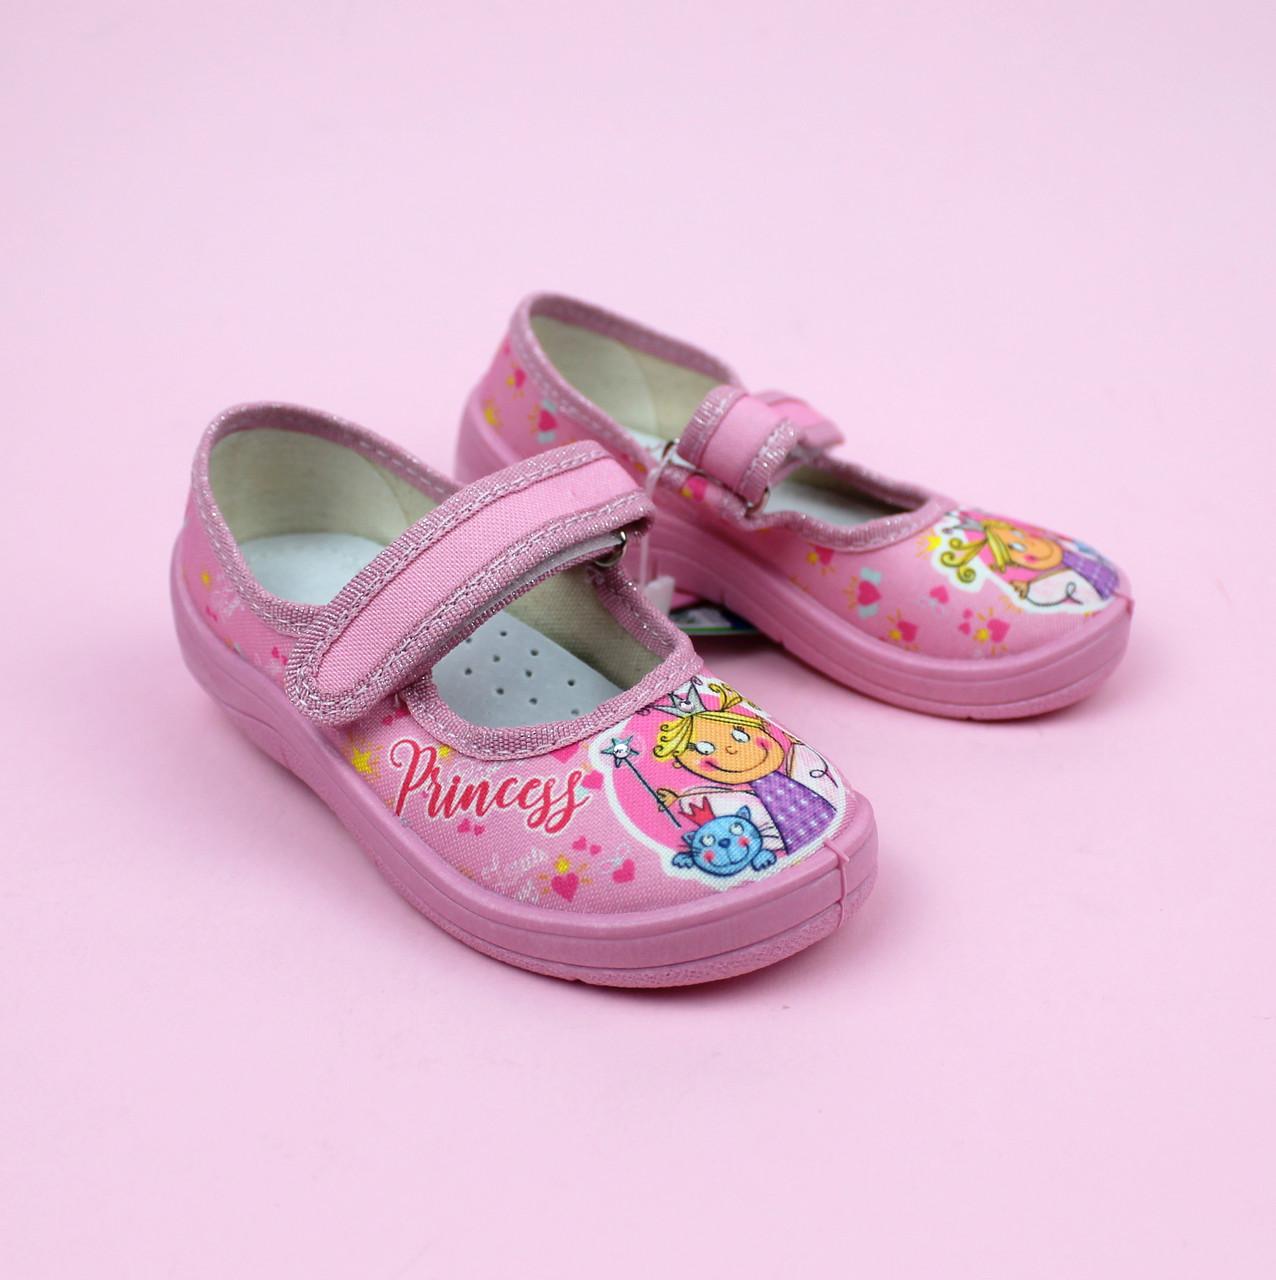 Текстильные детские туфли тапочки Алина, розовый Princess размер 25,26,27,28,29 тм Waldi